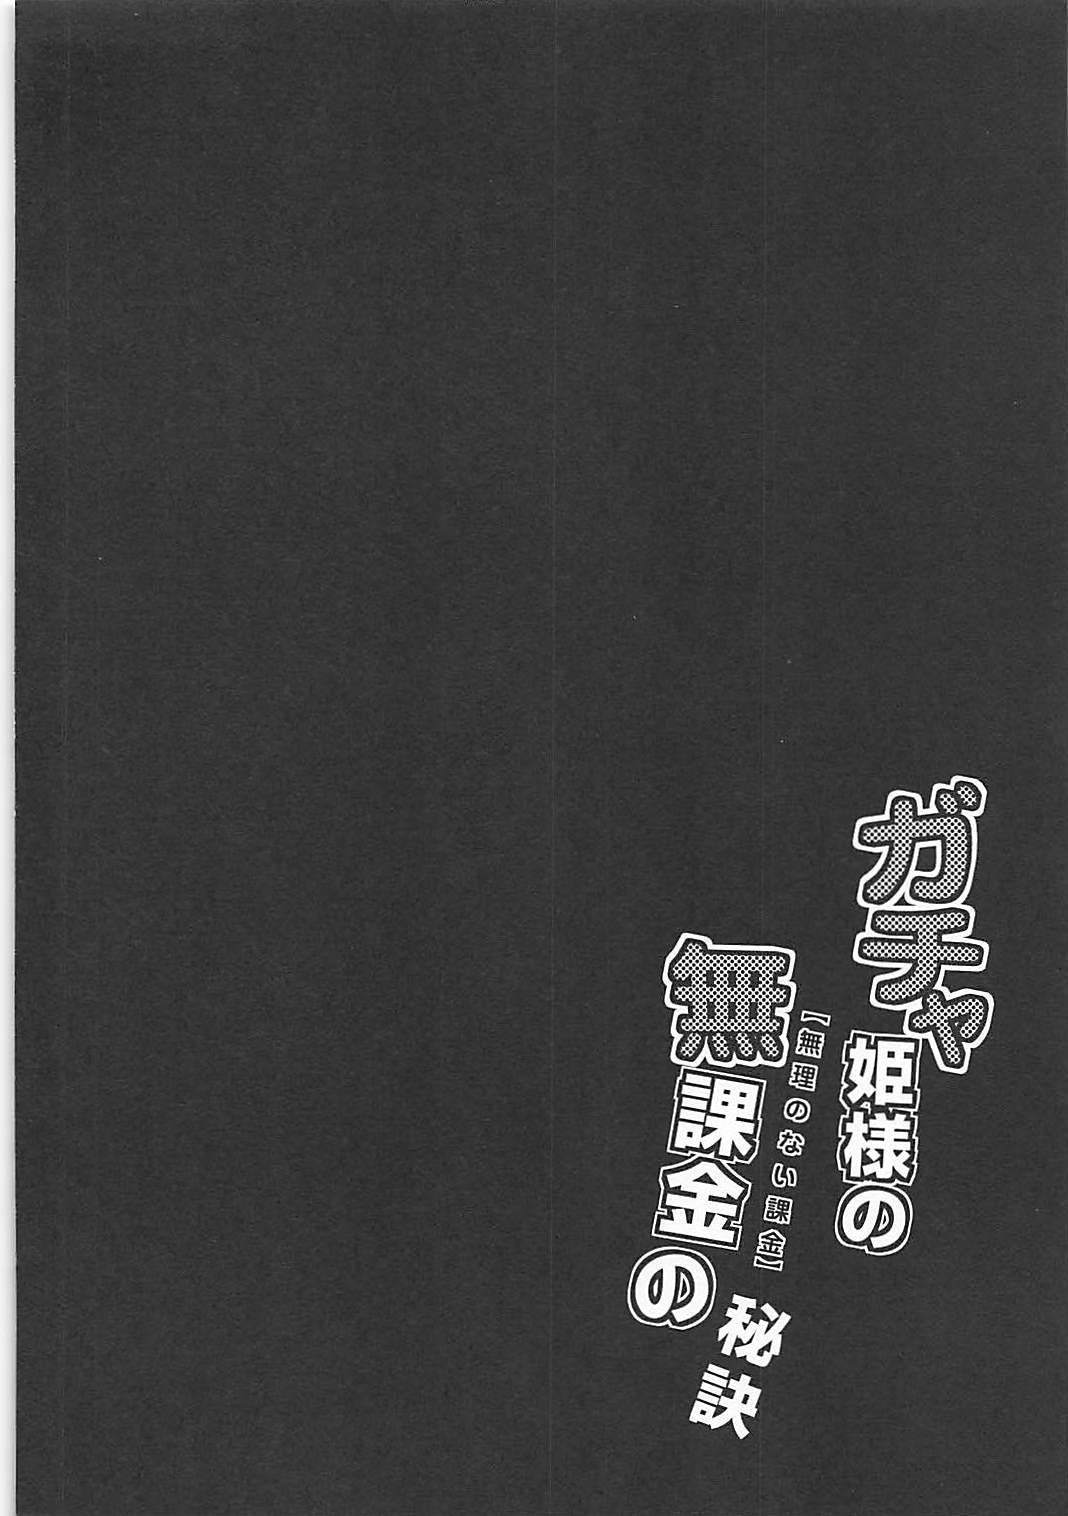 Gacha Hime-sama no Muri no Nai Kakin no Hiketsu 2